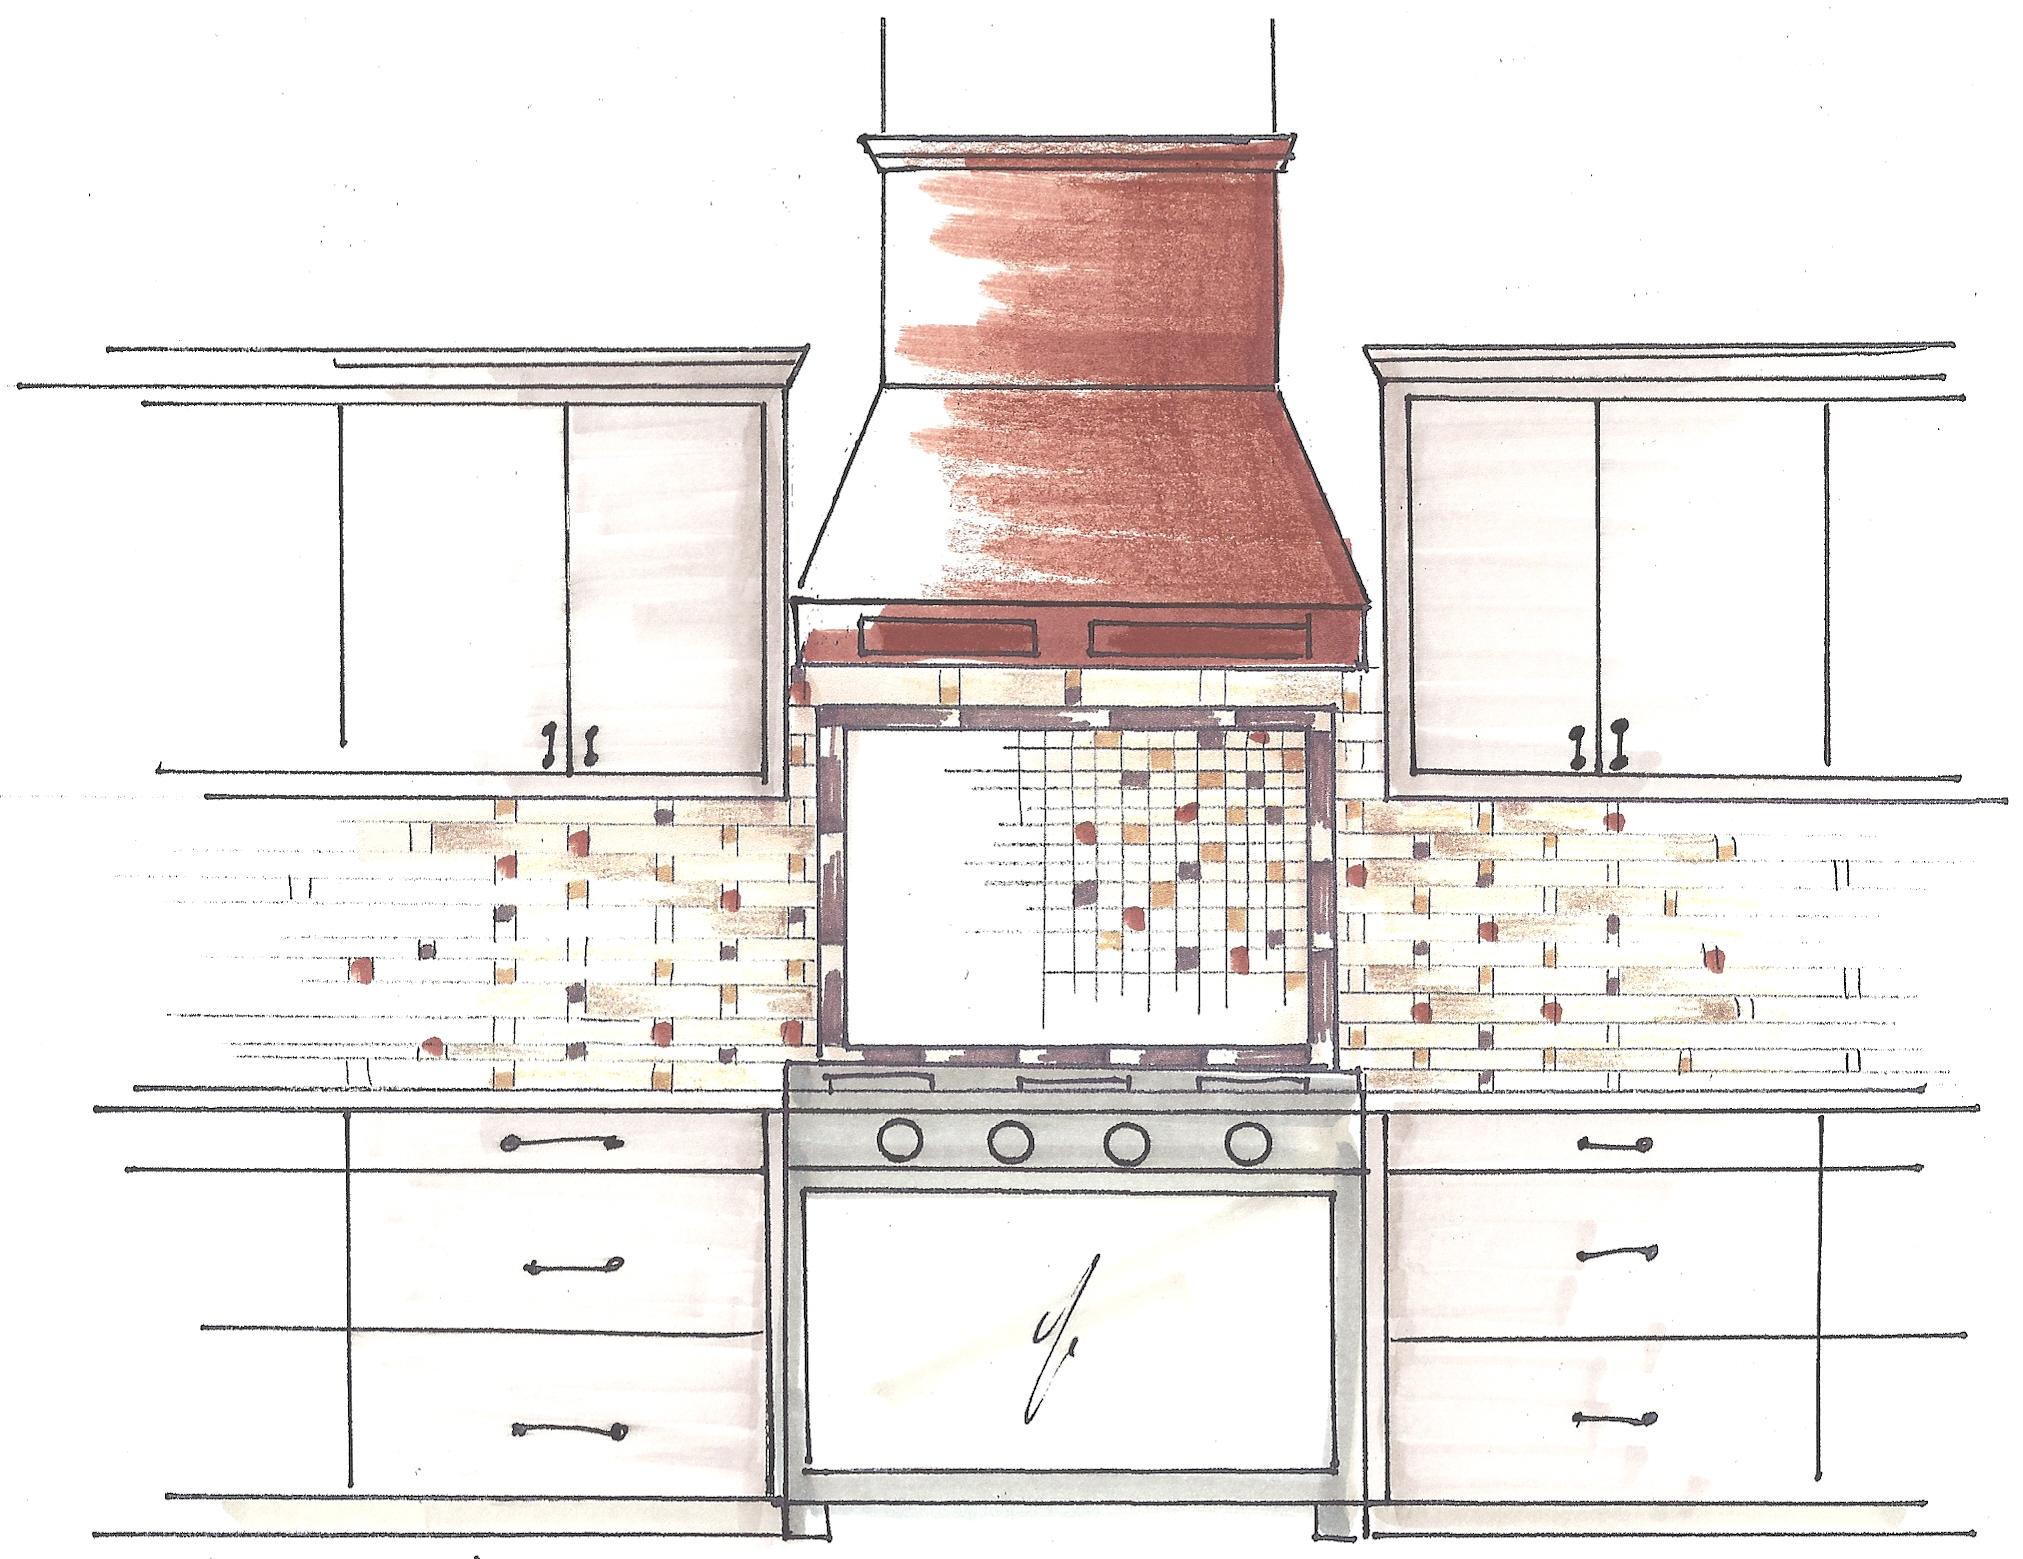 Backsplash Tile Sketch